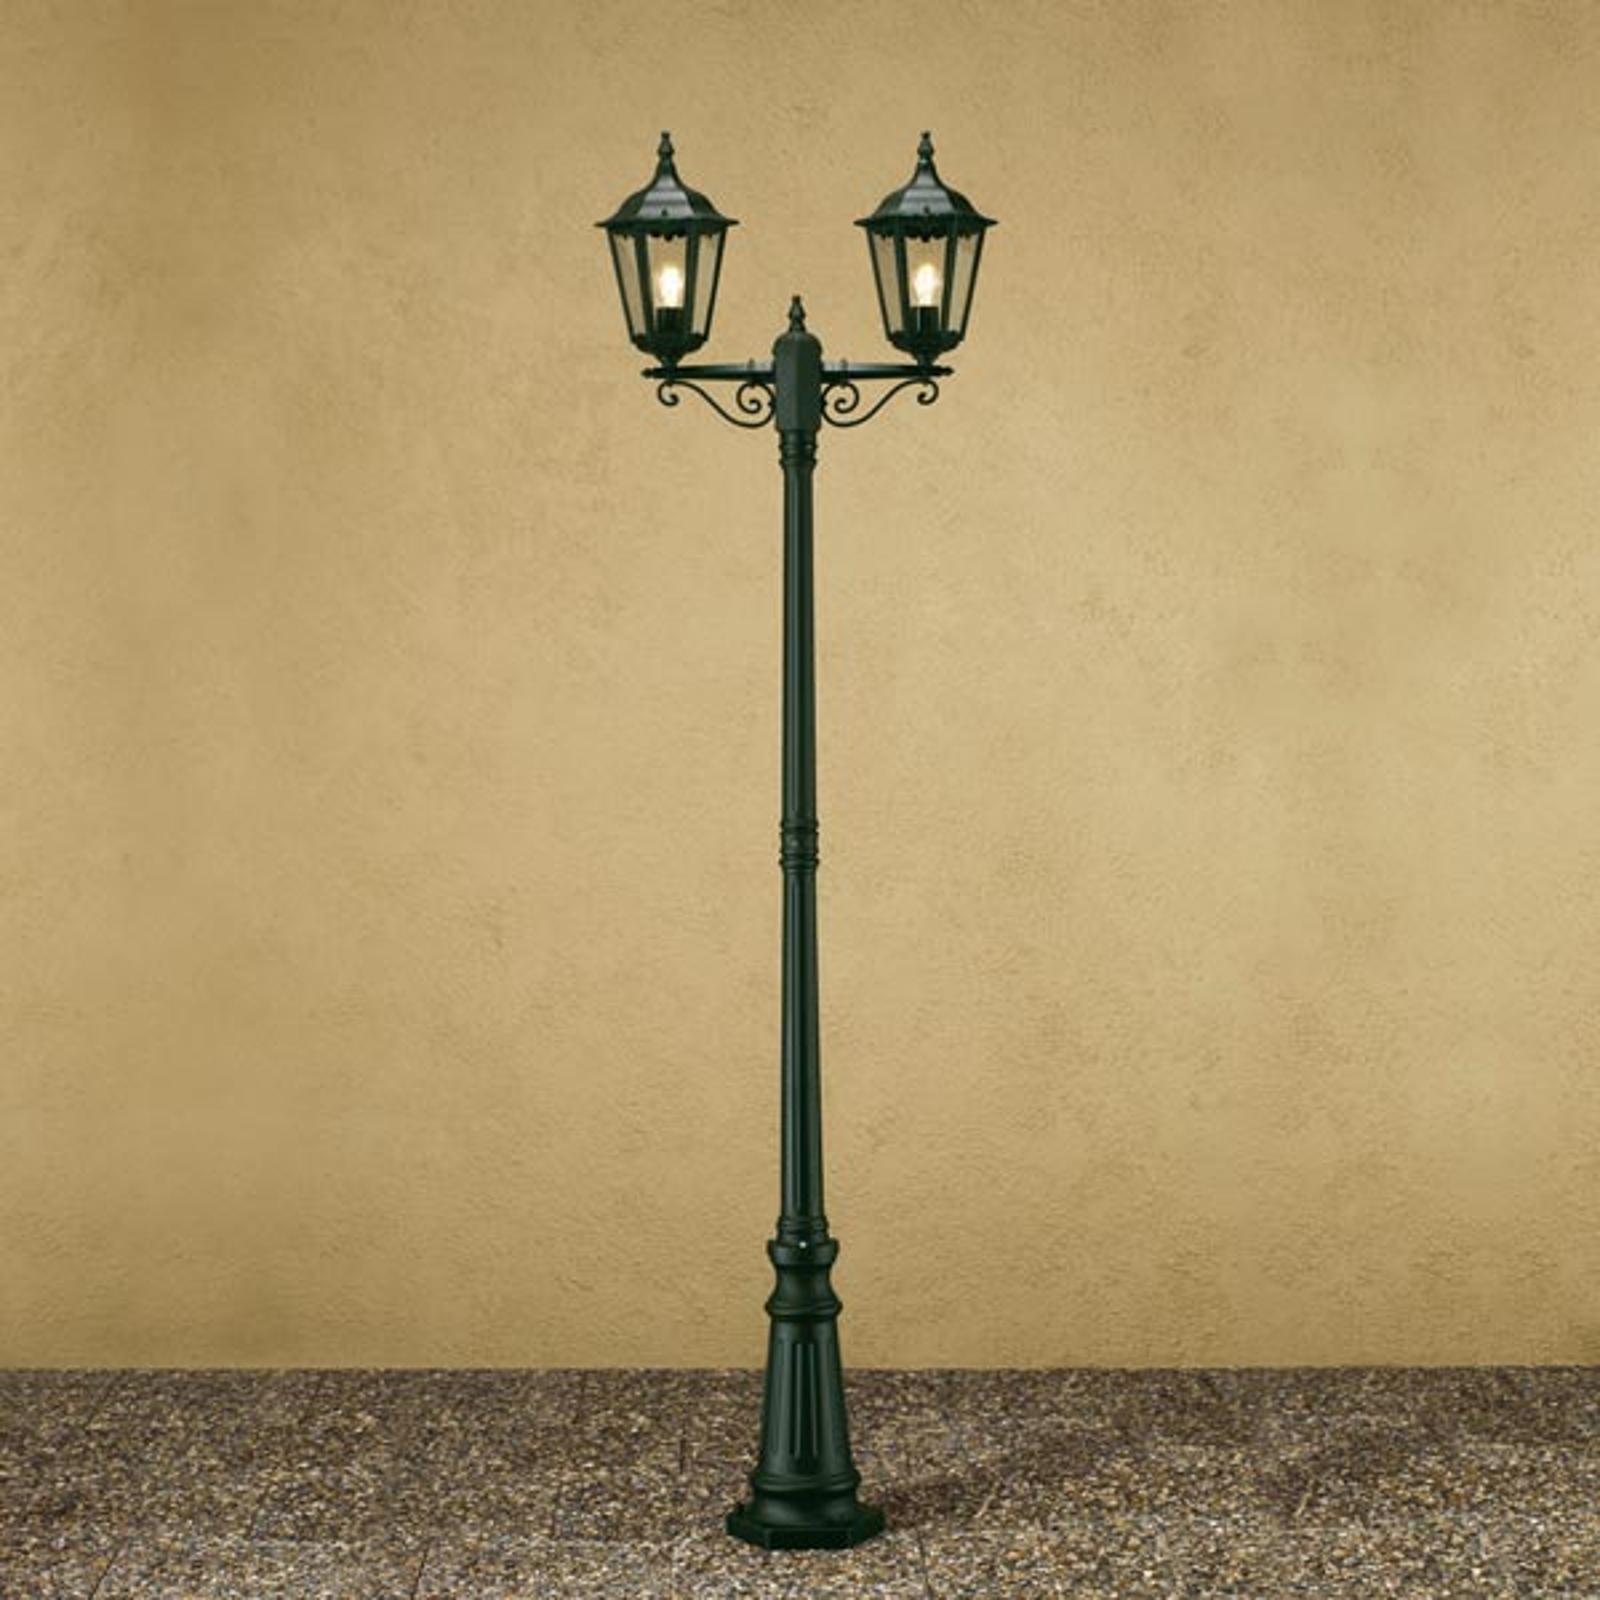 Lampe pour mât Firenze à 2 lampes, verte